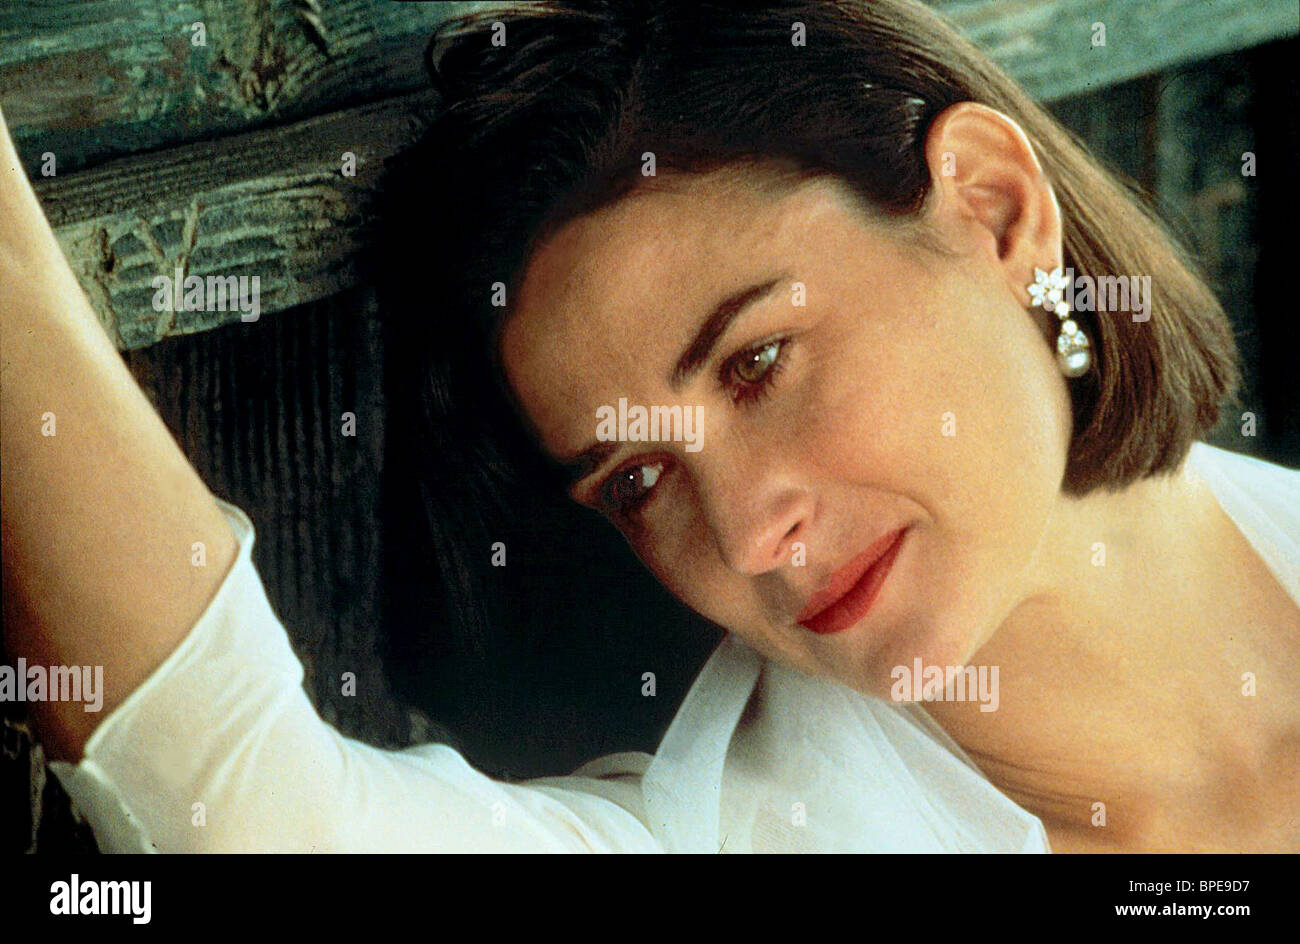 Demi Moore Ein Unmoralisches Angebot 1993 Stockfoto Bild 31047555